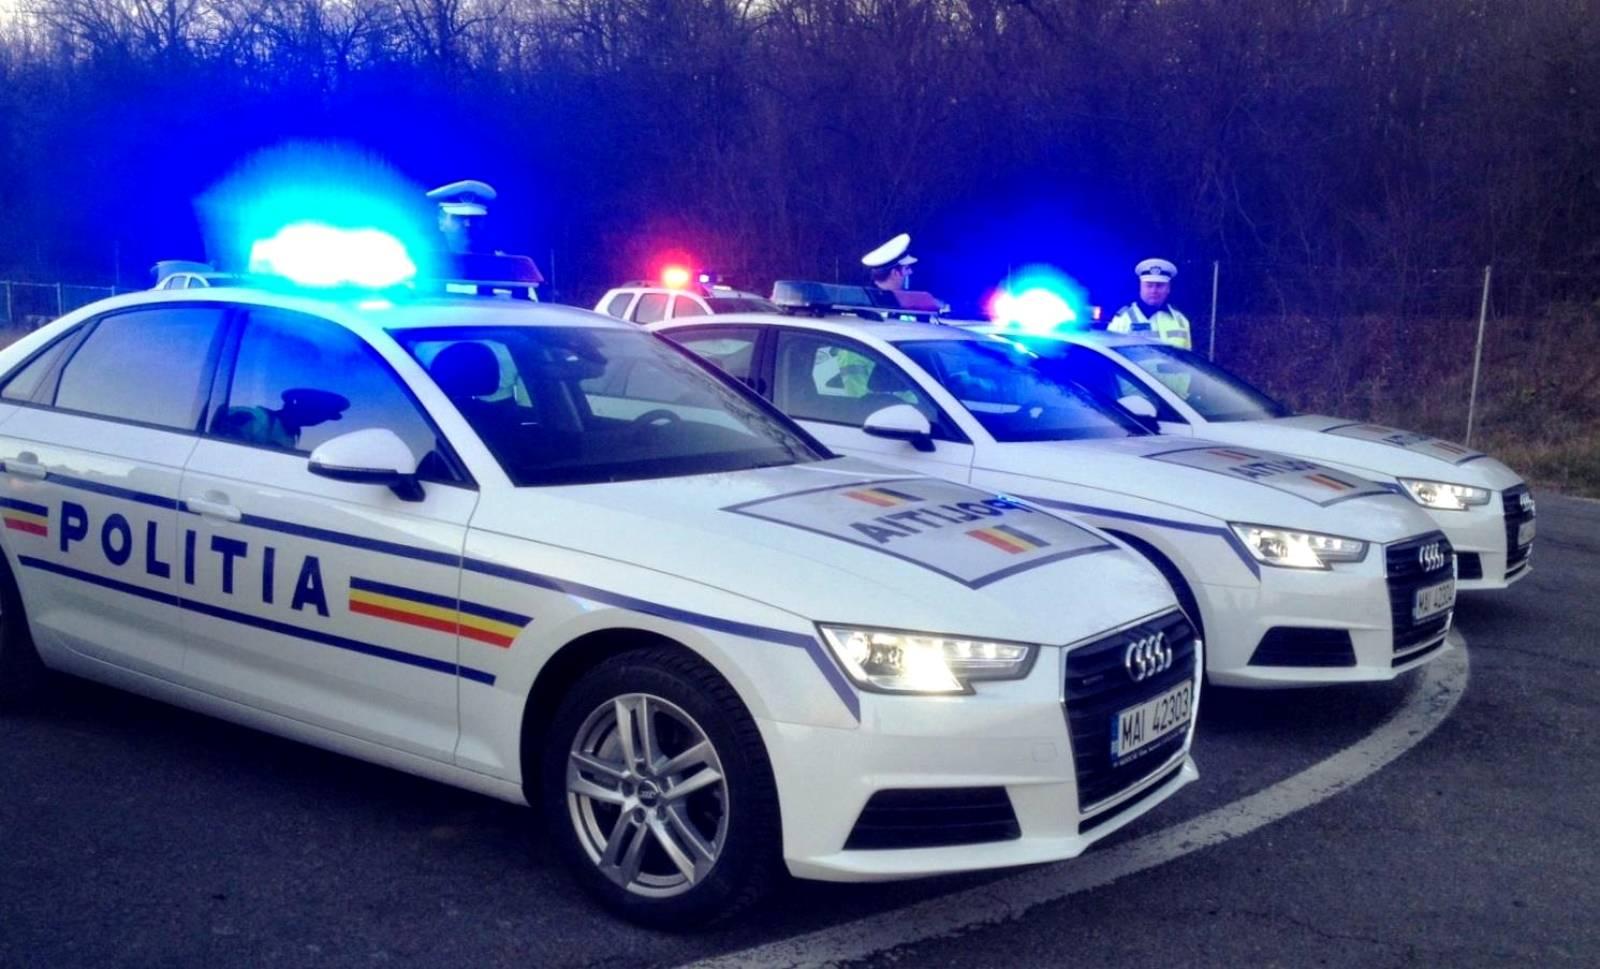 Politia Romana viteza autostrada